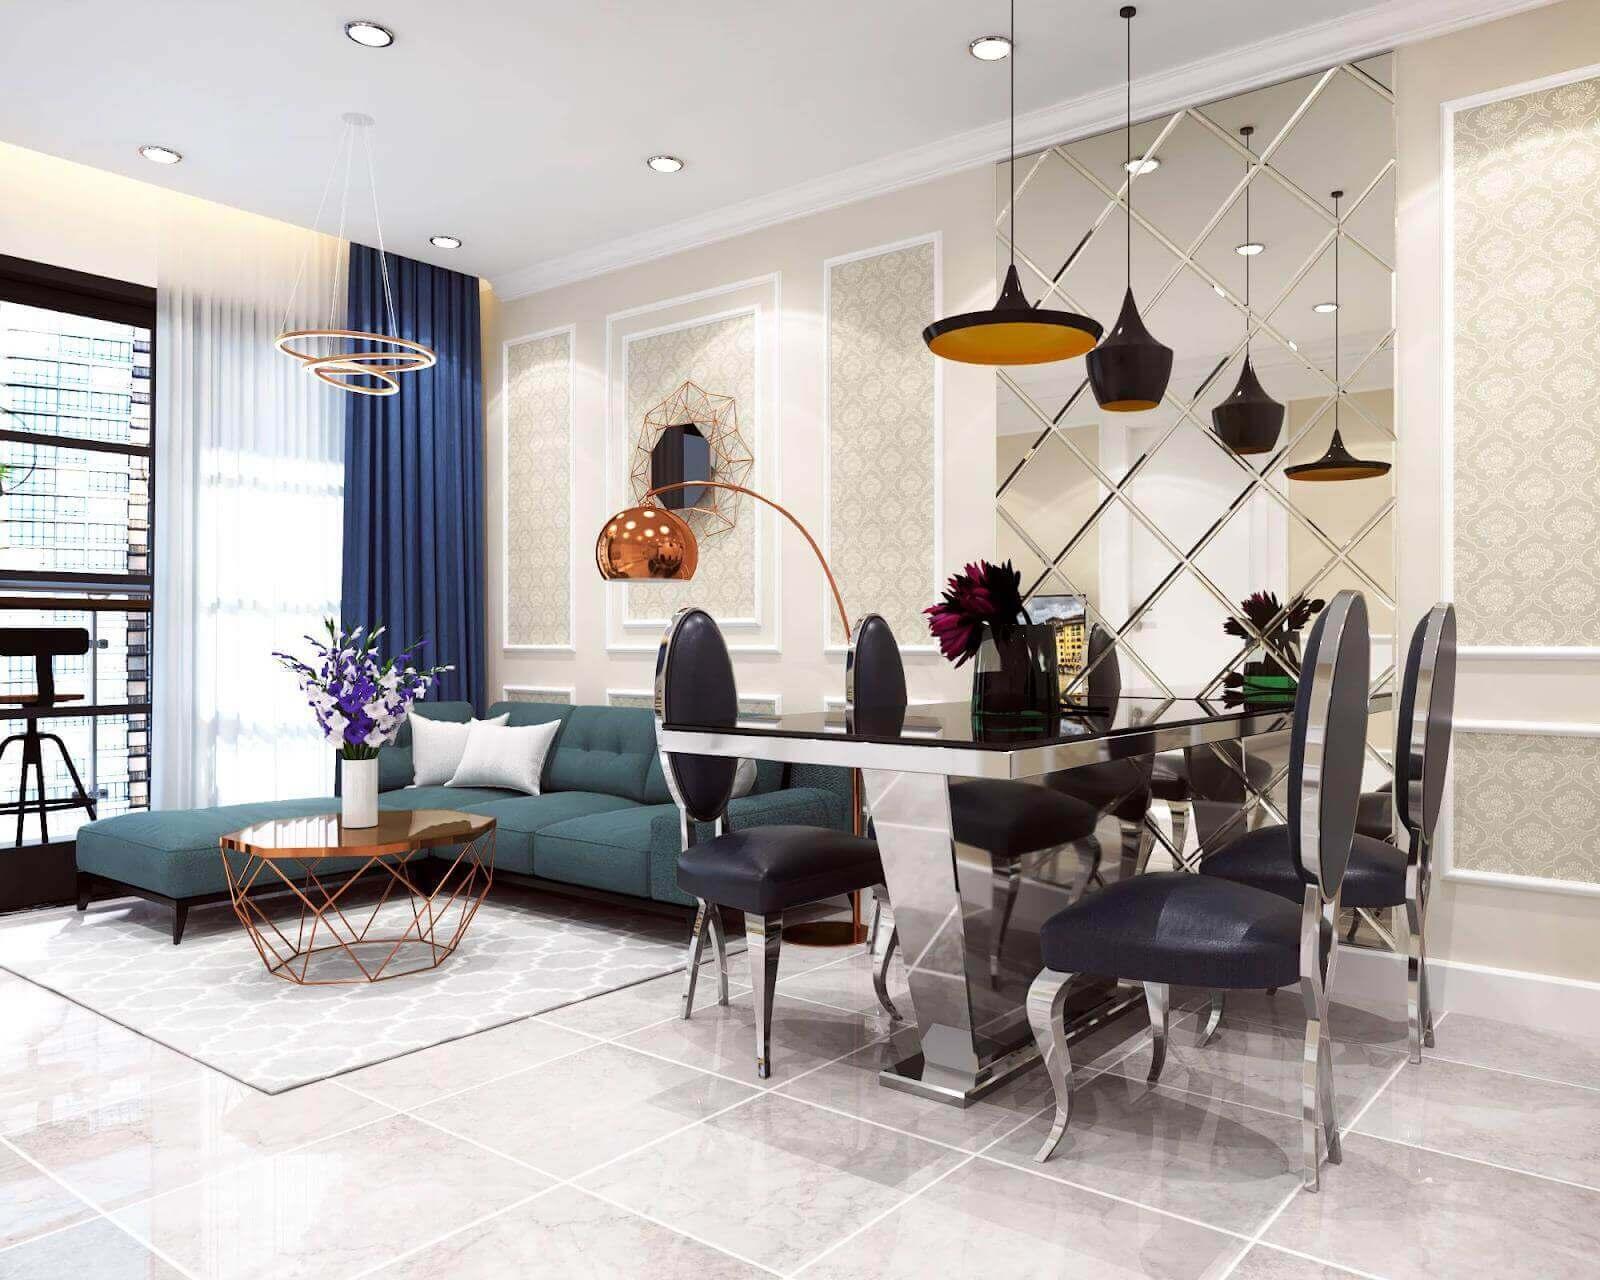 Thiết kế nội thất phong cách Art Deco là gì?   Housedesign